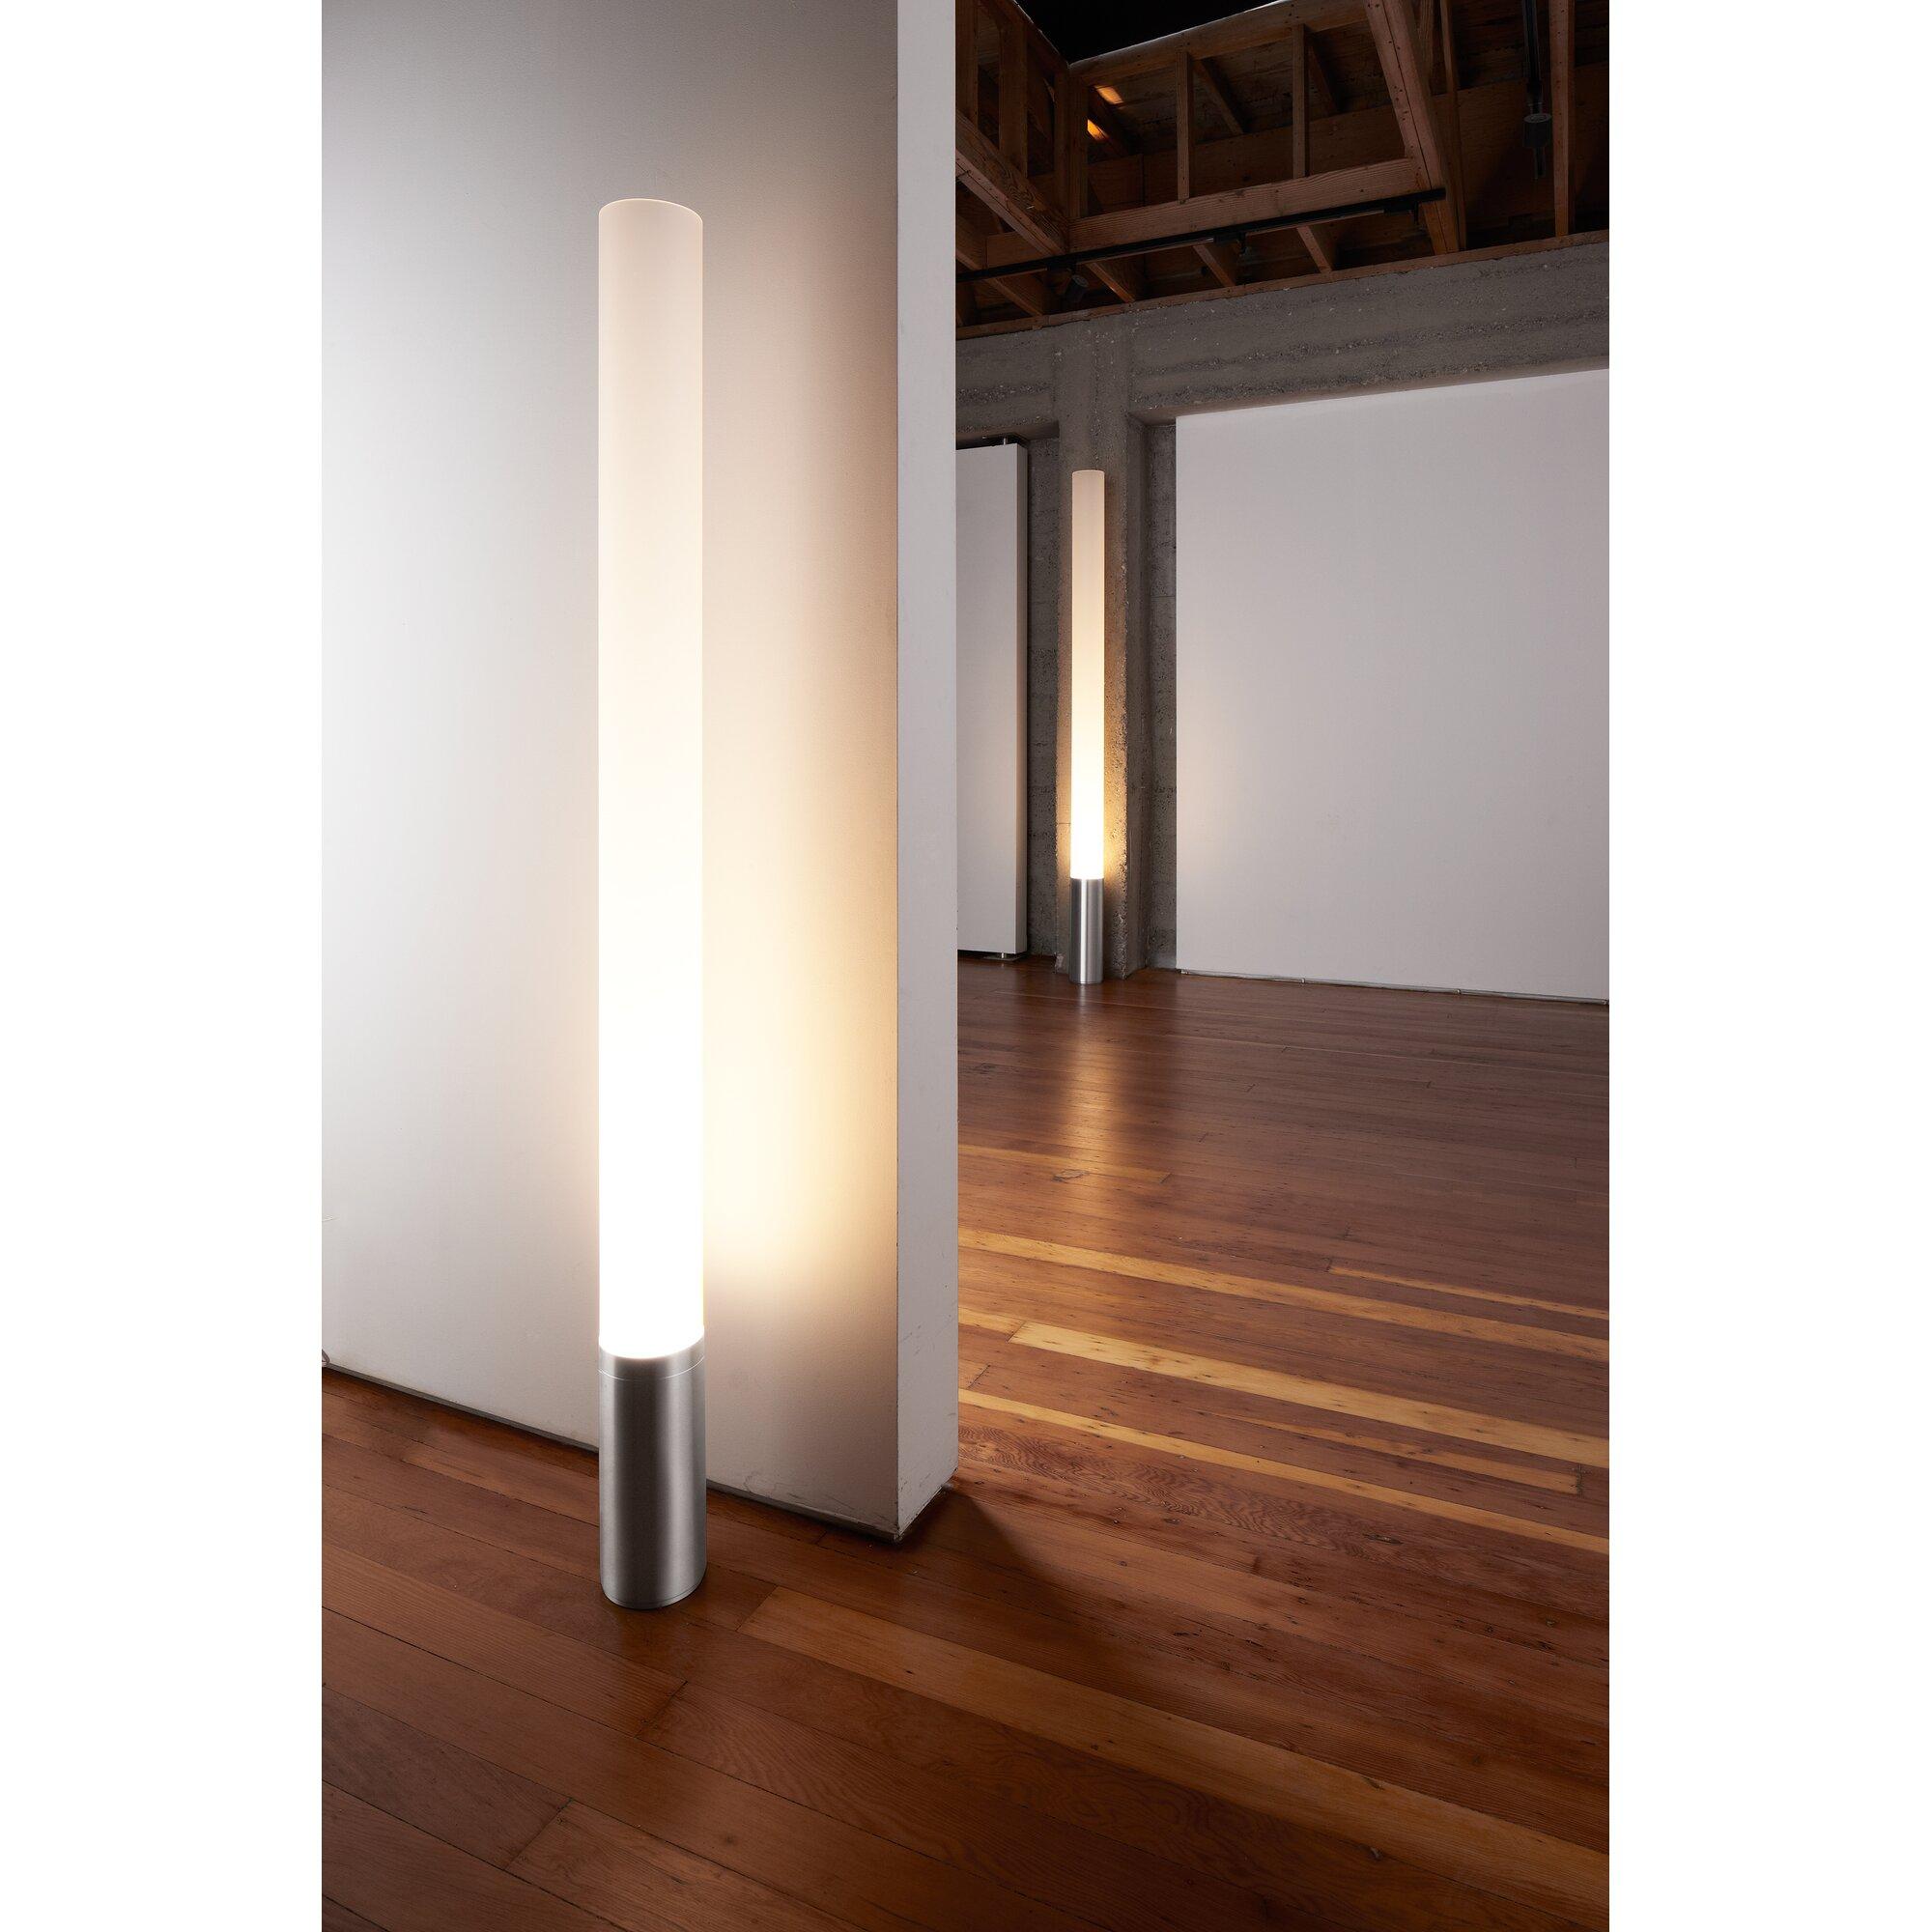 Elise column floor lamp reviews allmodern for Floor pillars